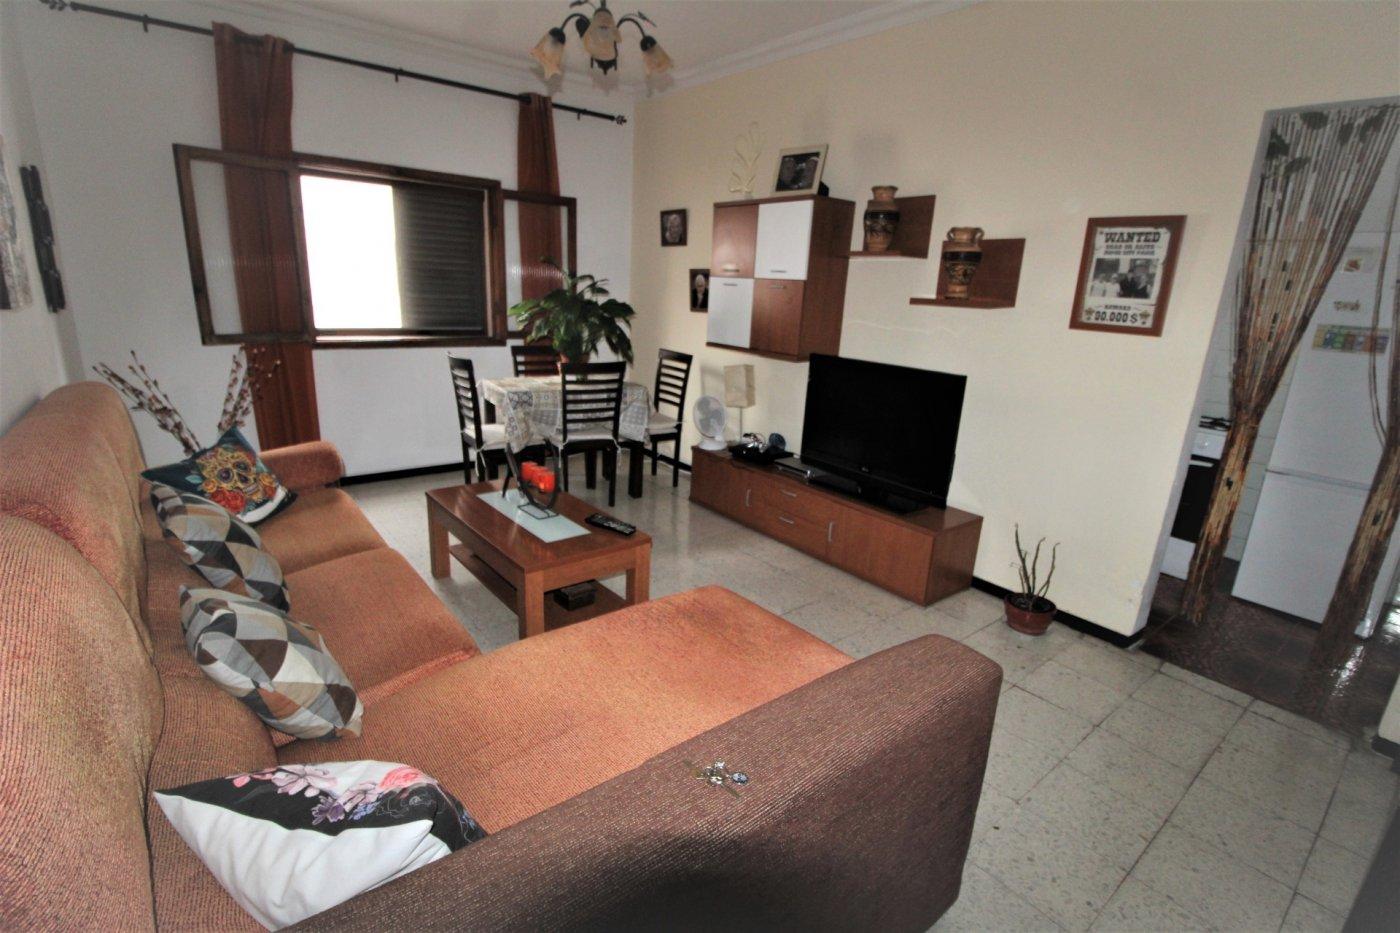 piso en las-palmas-de-gran-canaria · schamann 66420€